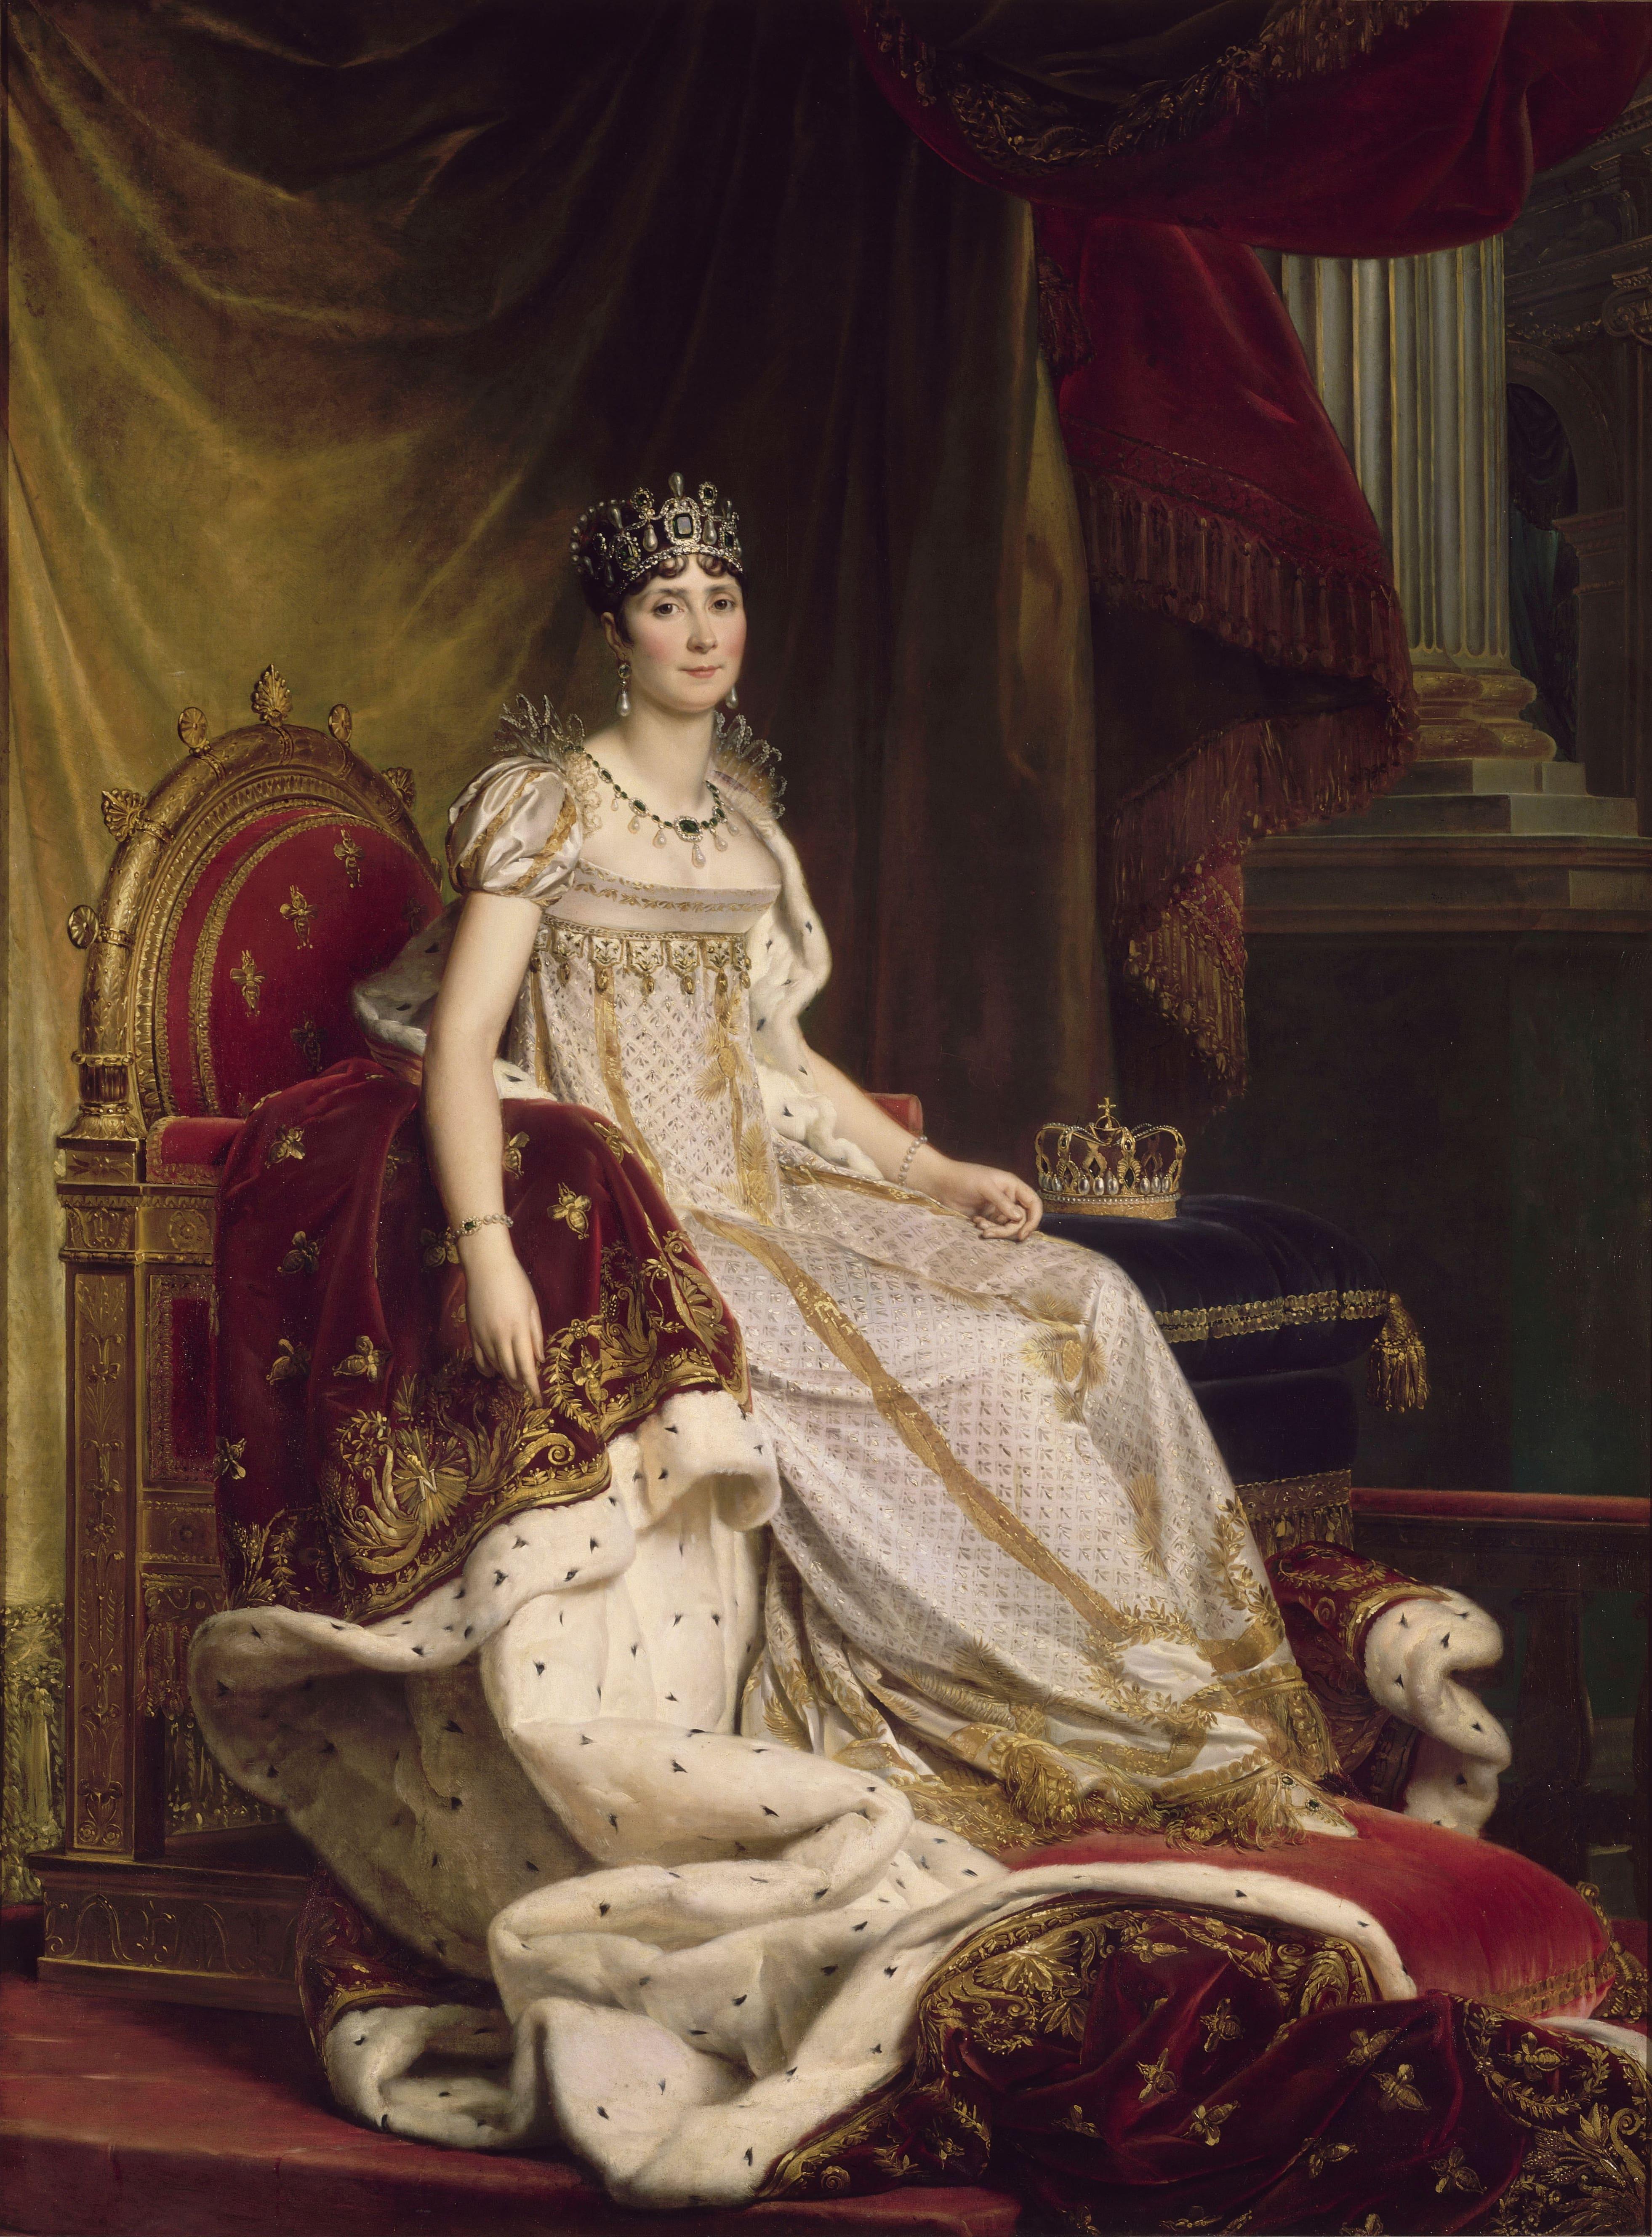 François Gérard, Kaiserin Joséphine, 1808